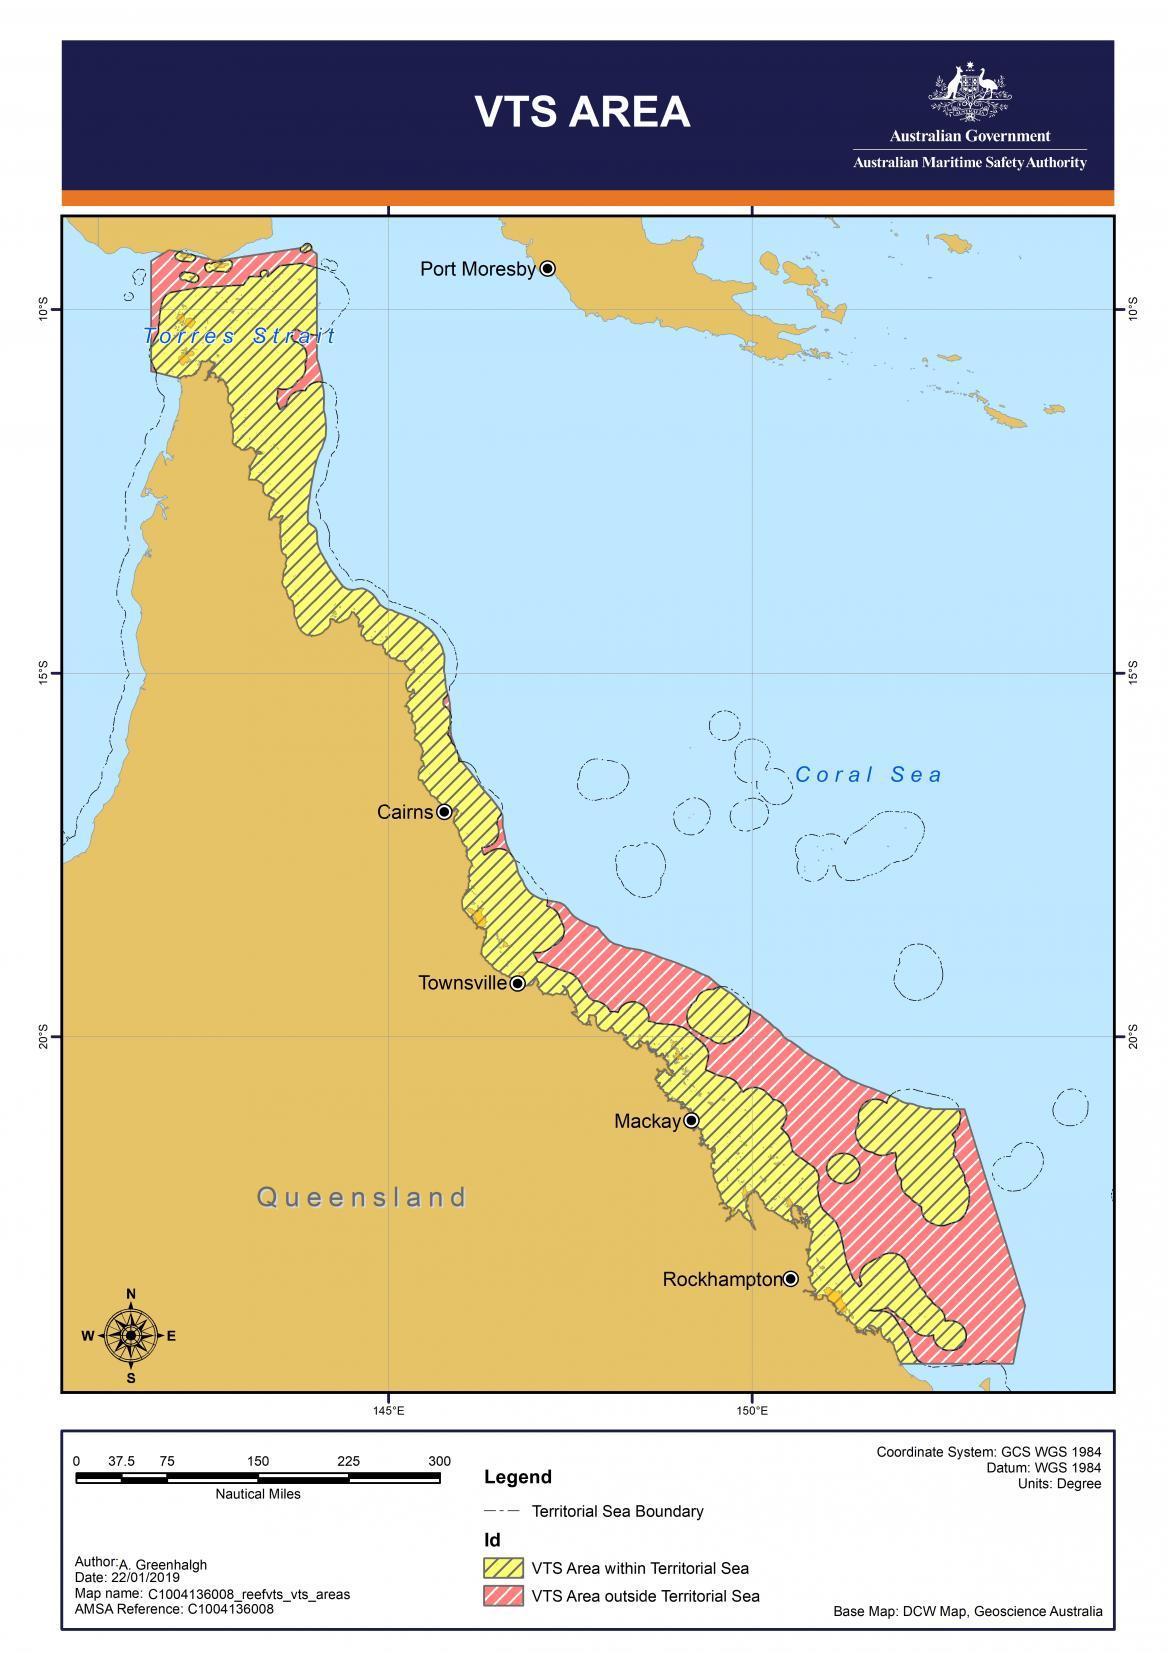 Reefvts VTS areas